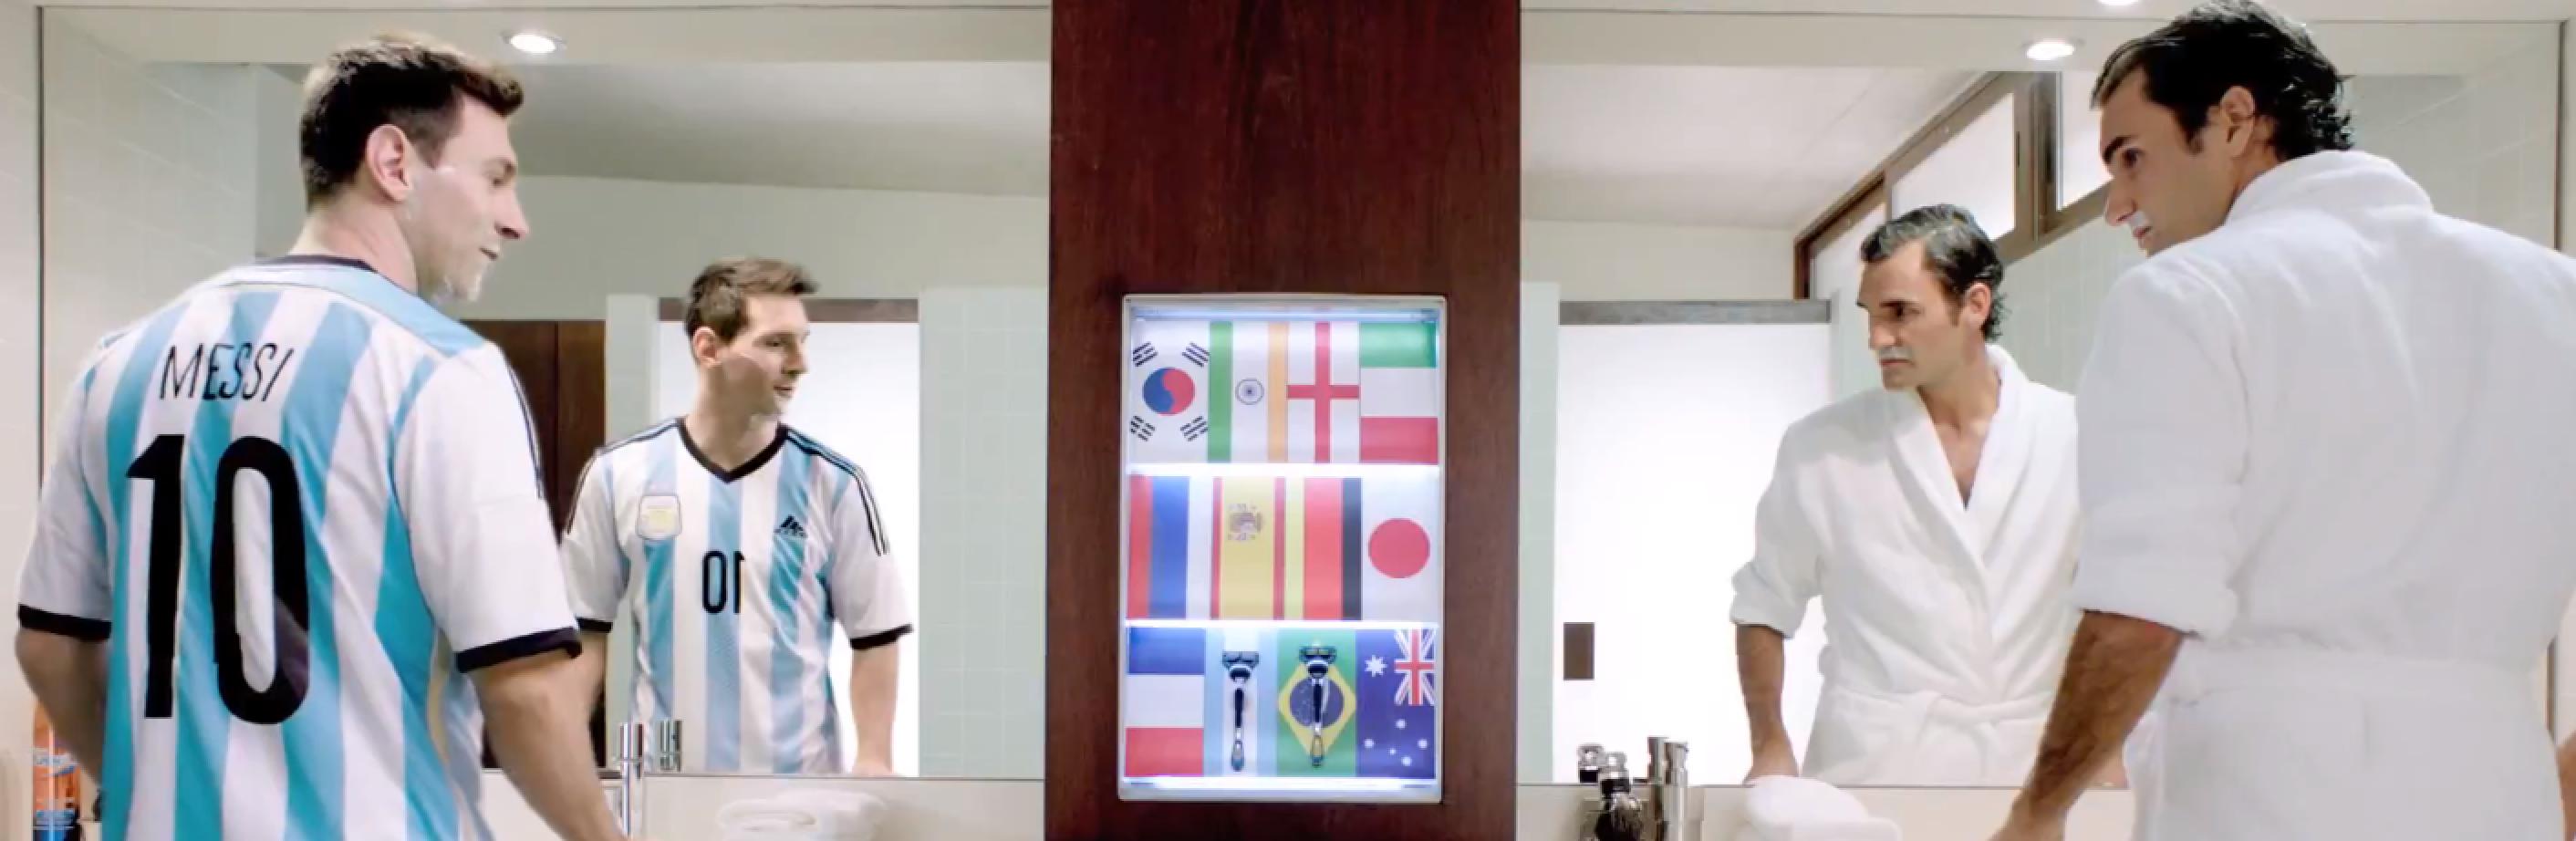 Federer Messi Gillette Ad 2014